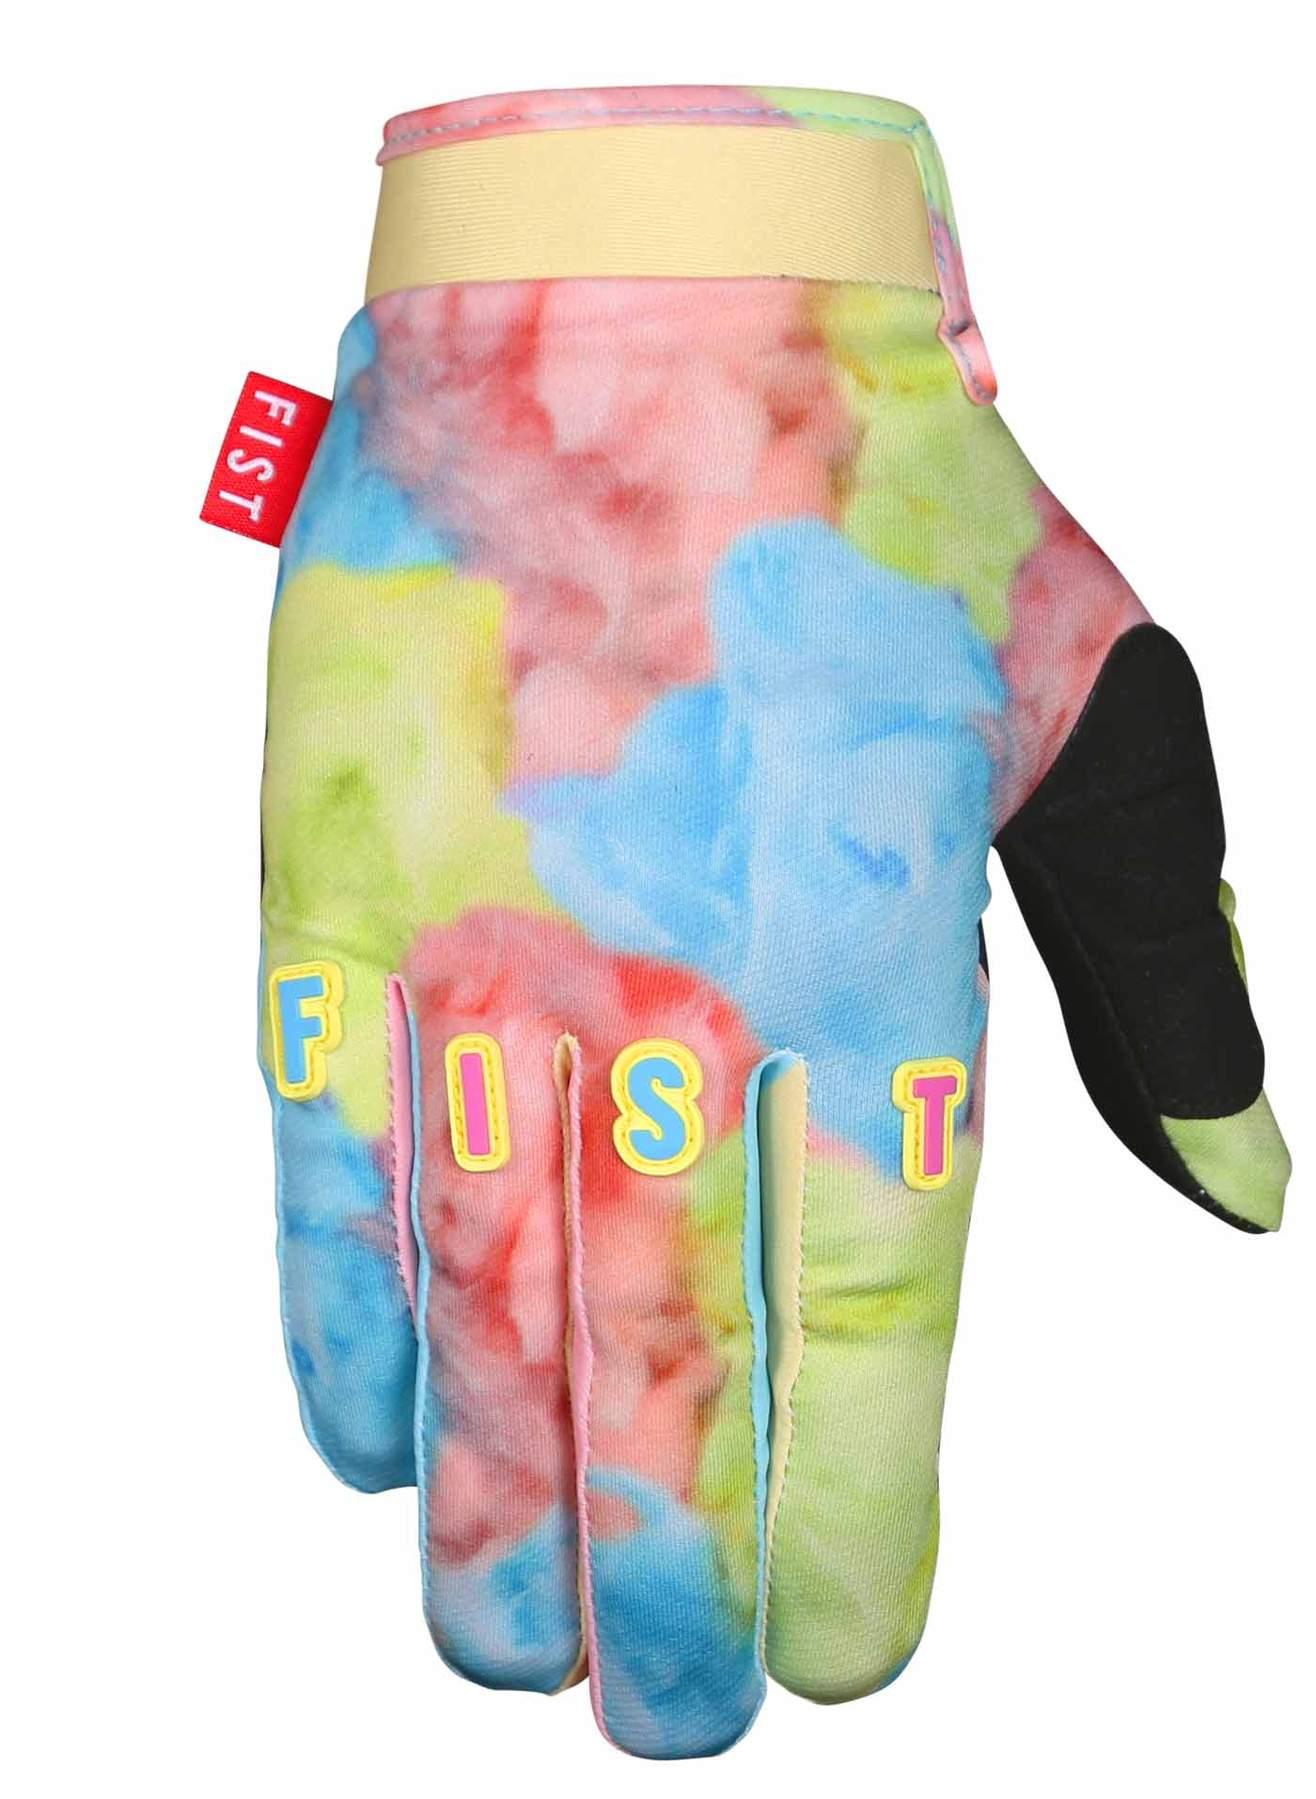 Fist Handwear Youth Indy Carmody Fairy Floss Gloves